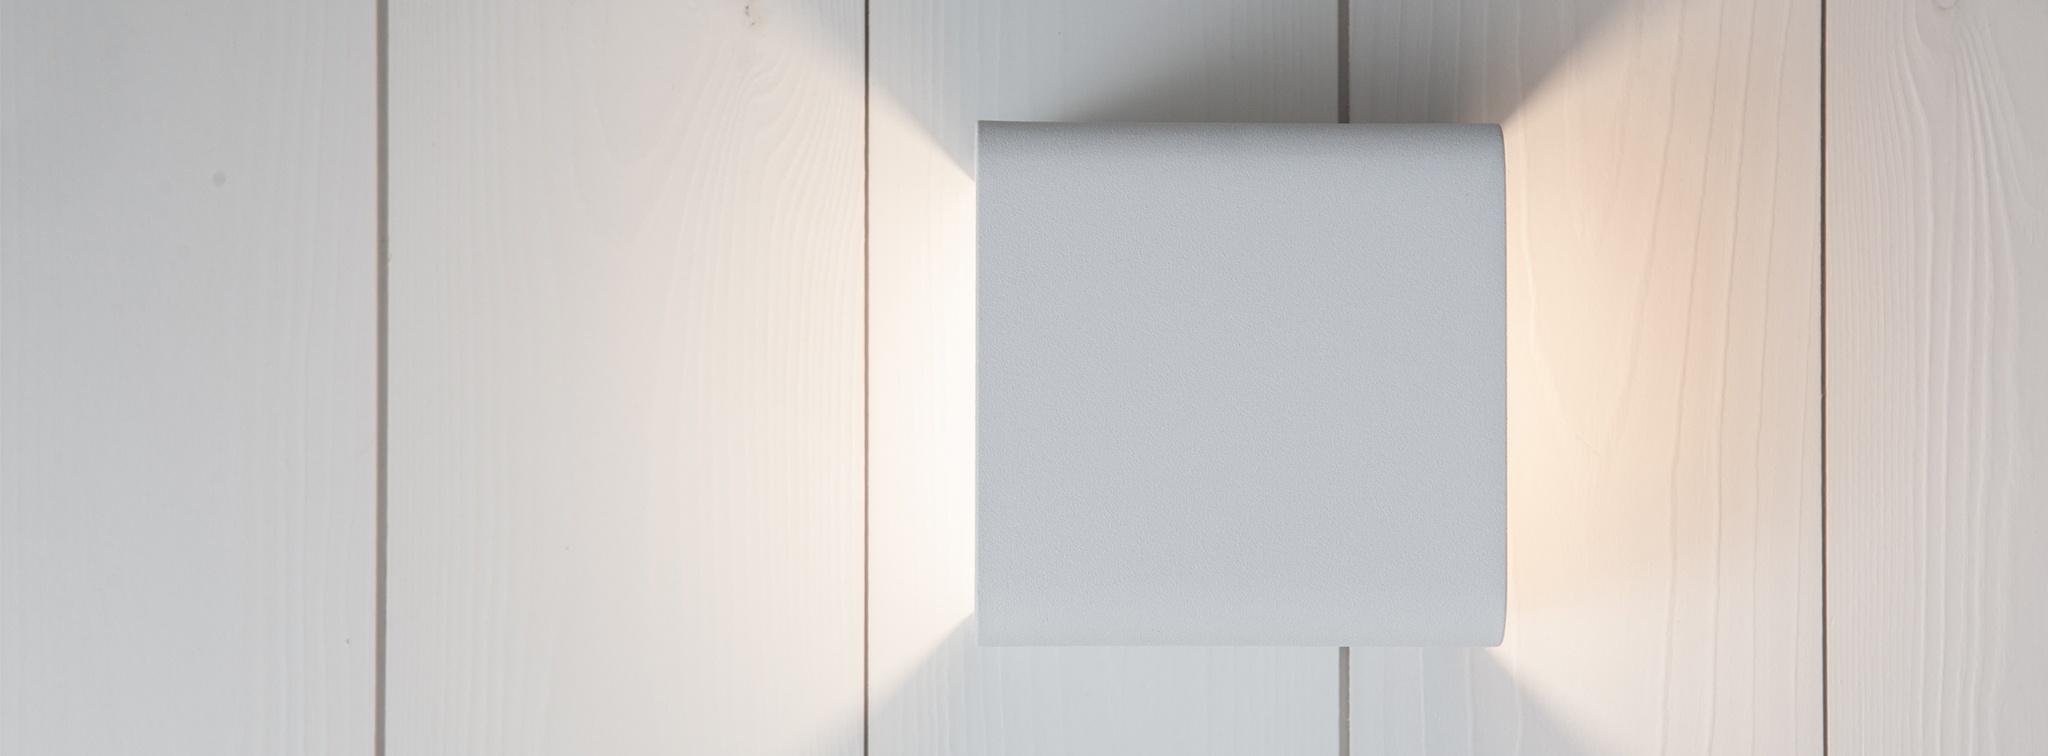 sahkosuunnittelu-ja-valaistussuunnittelu